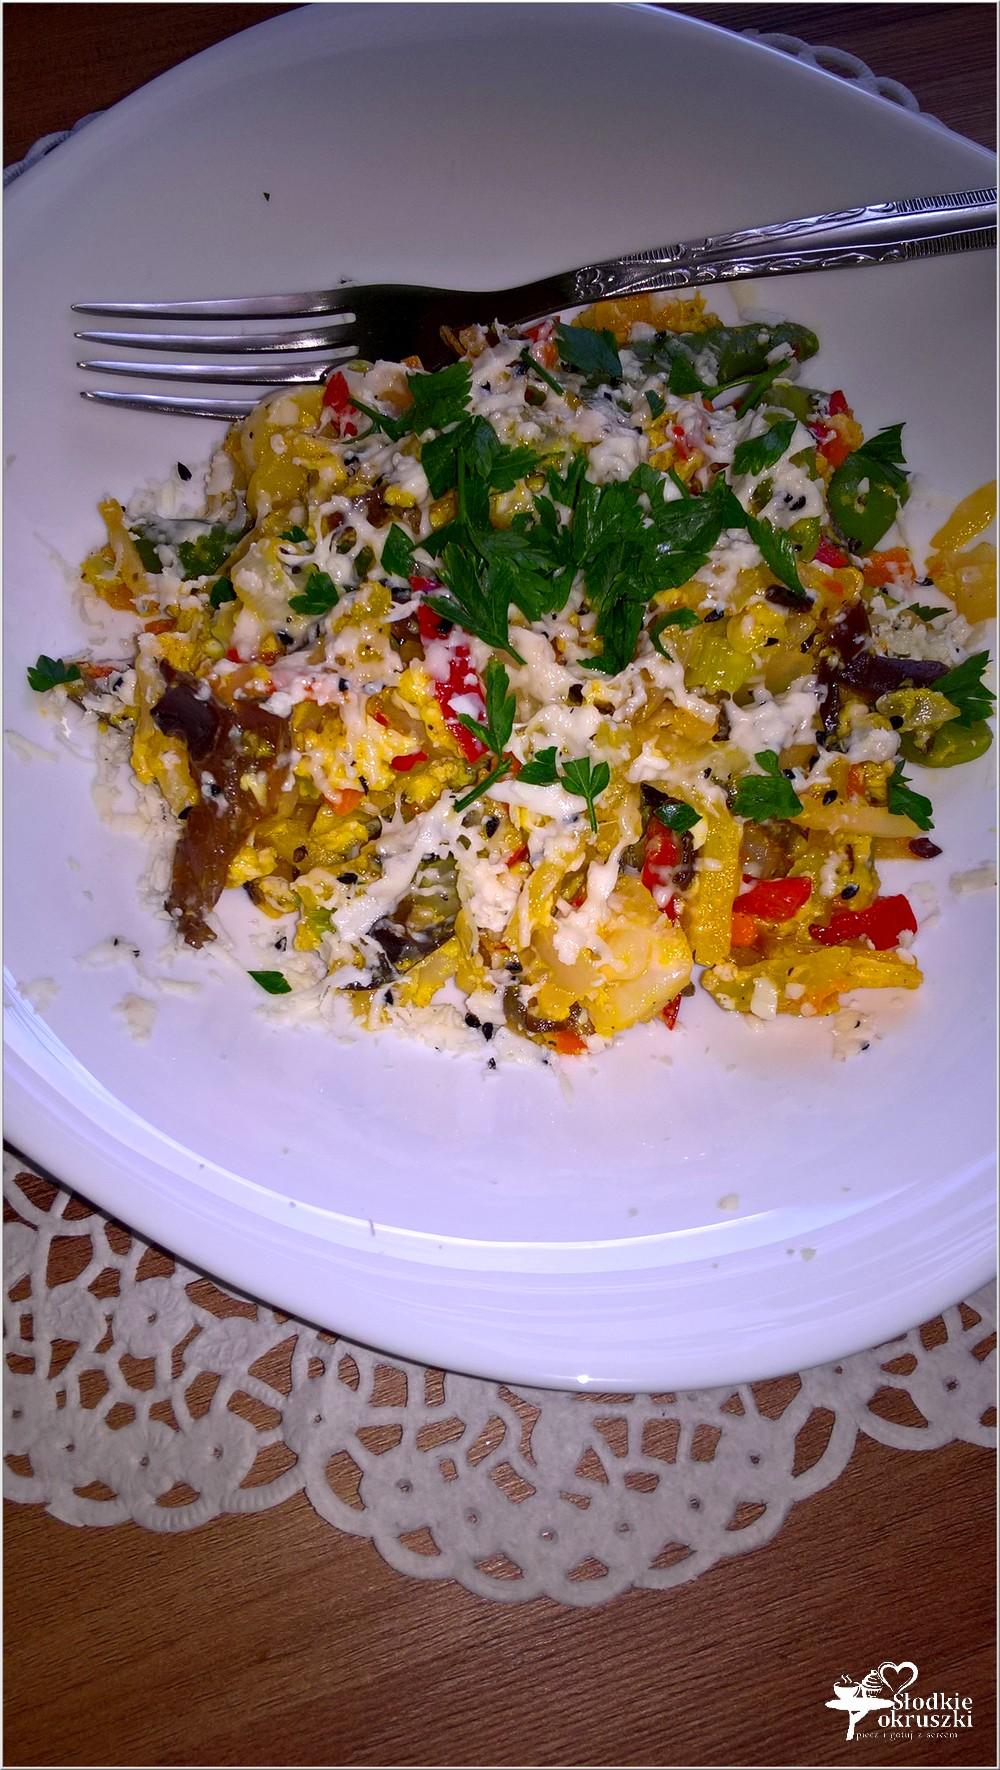 Smażone warzywa z jajkiem i serem korycińskim (2)